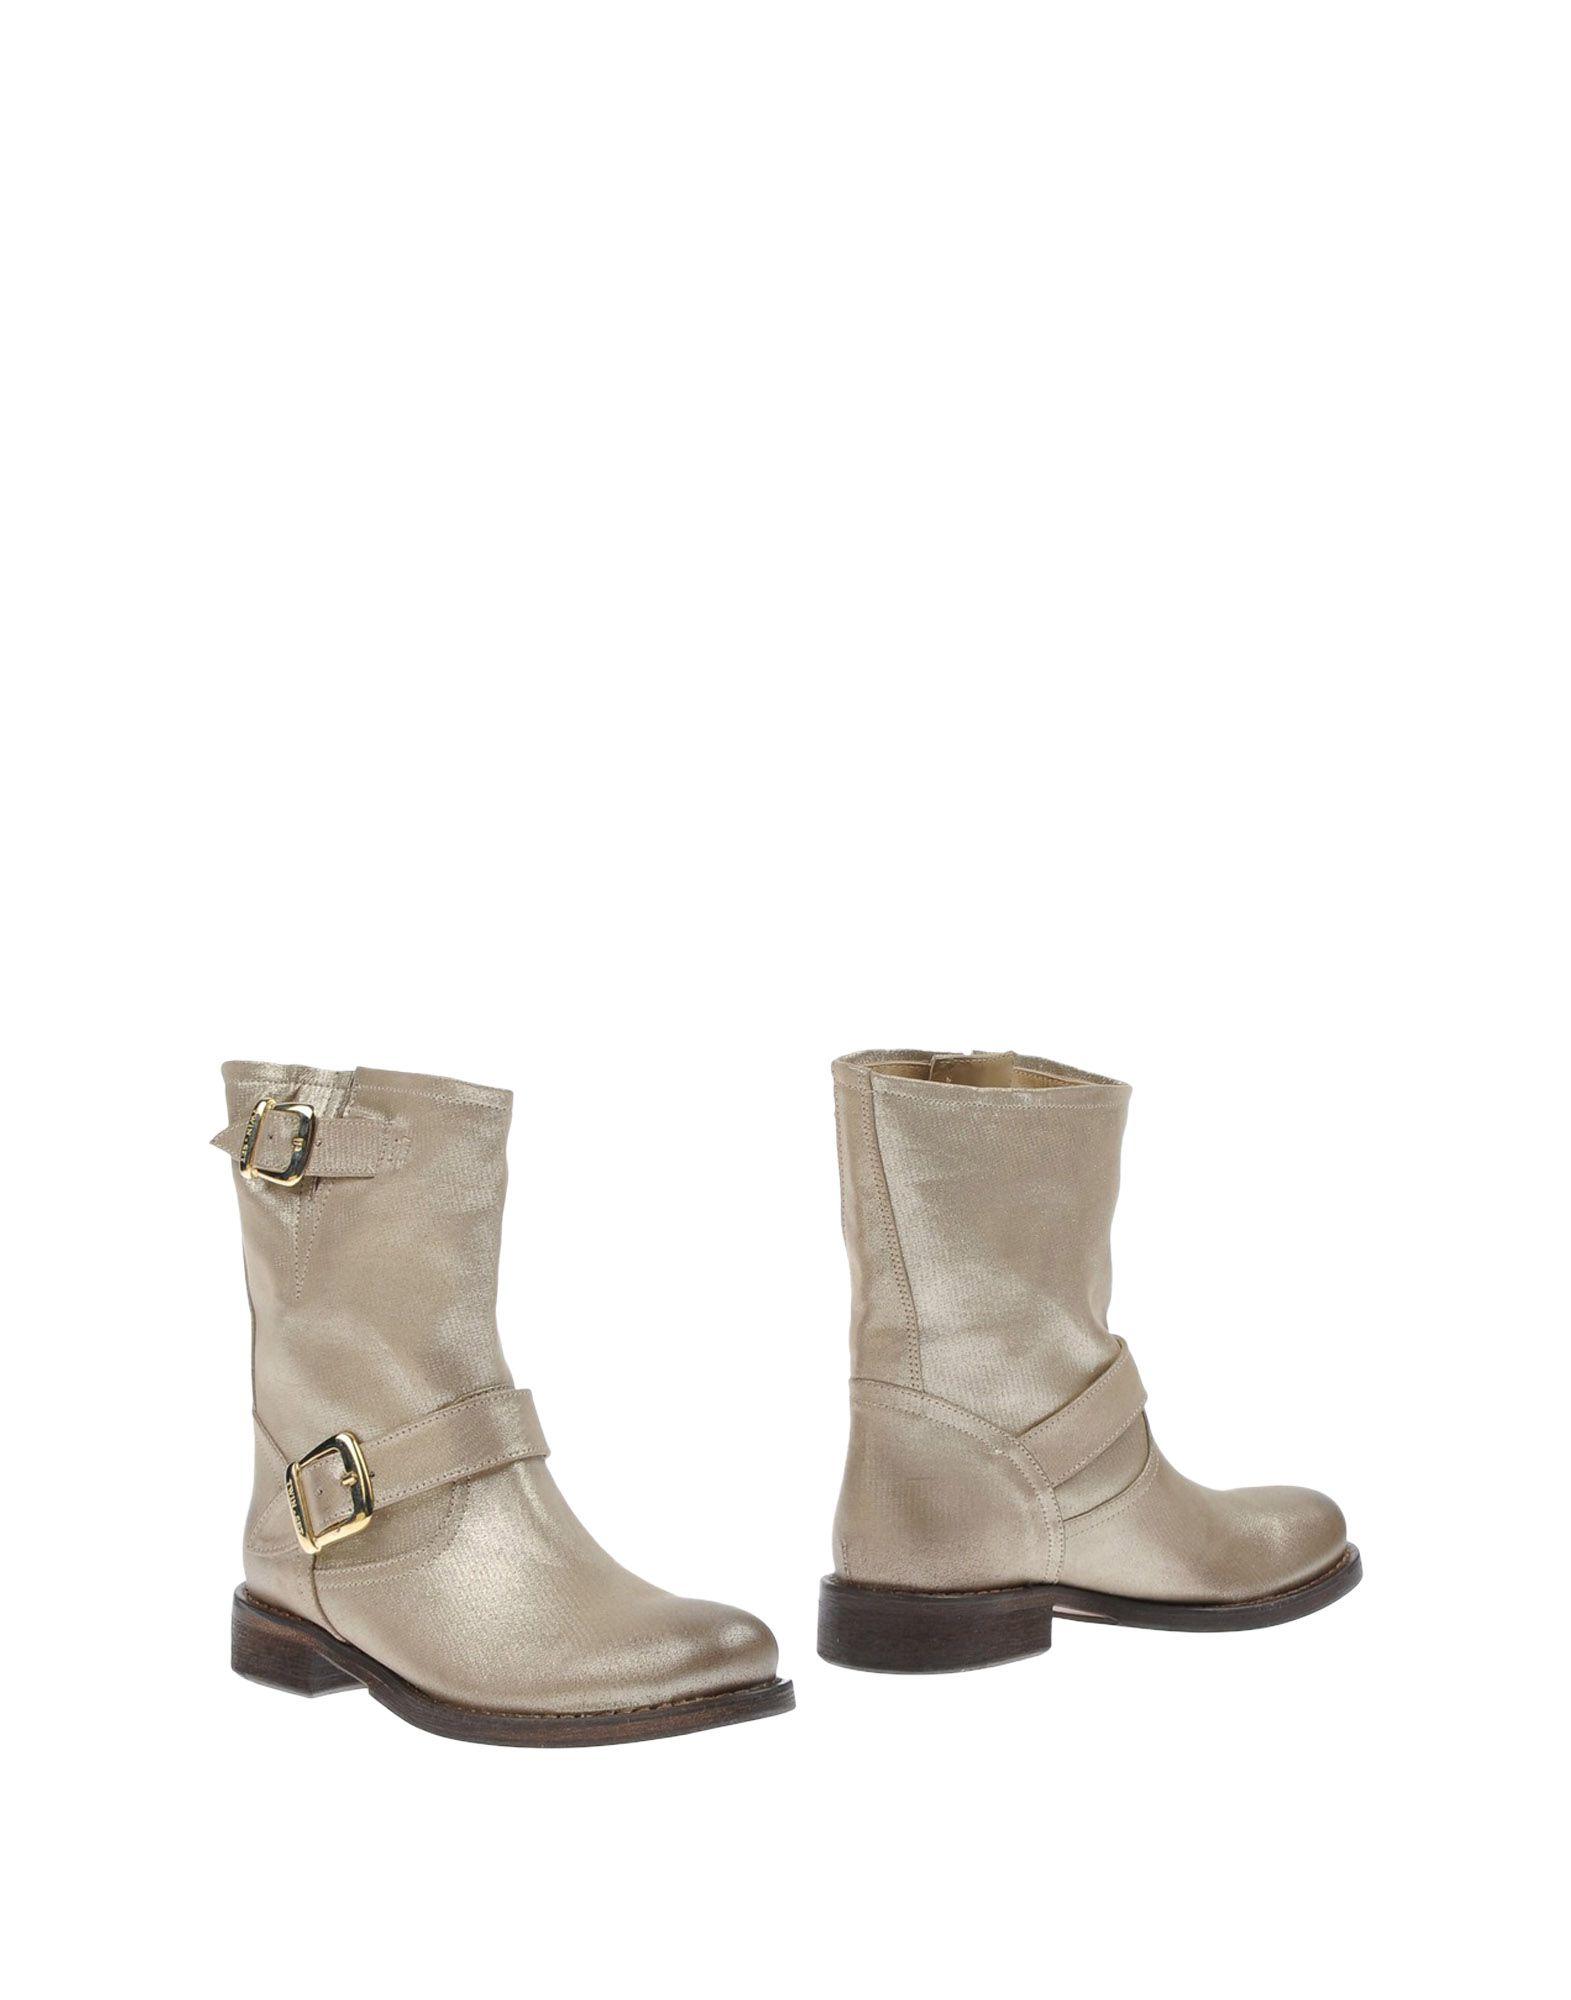 Gut um 44925874HR billige Schuhe zu tragenTwin 44925874HR um 9d142a